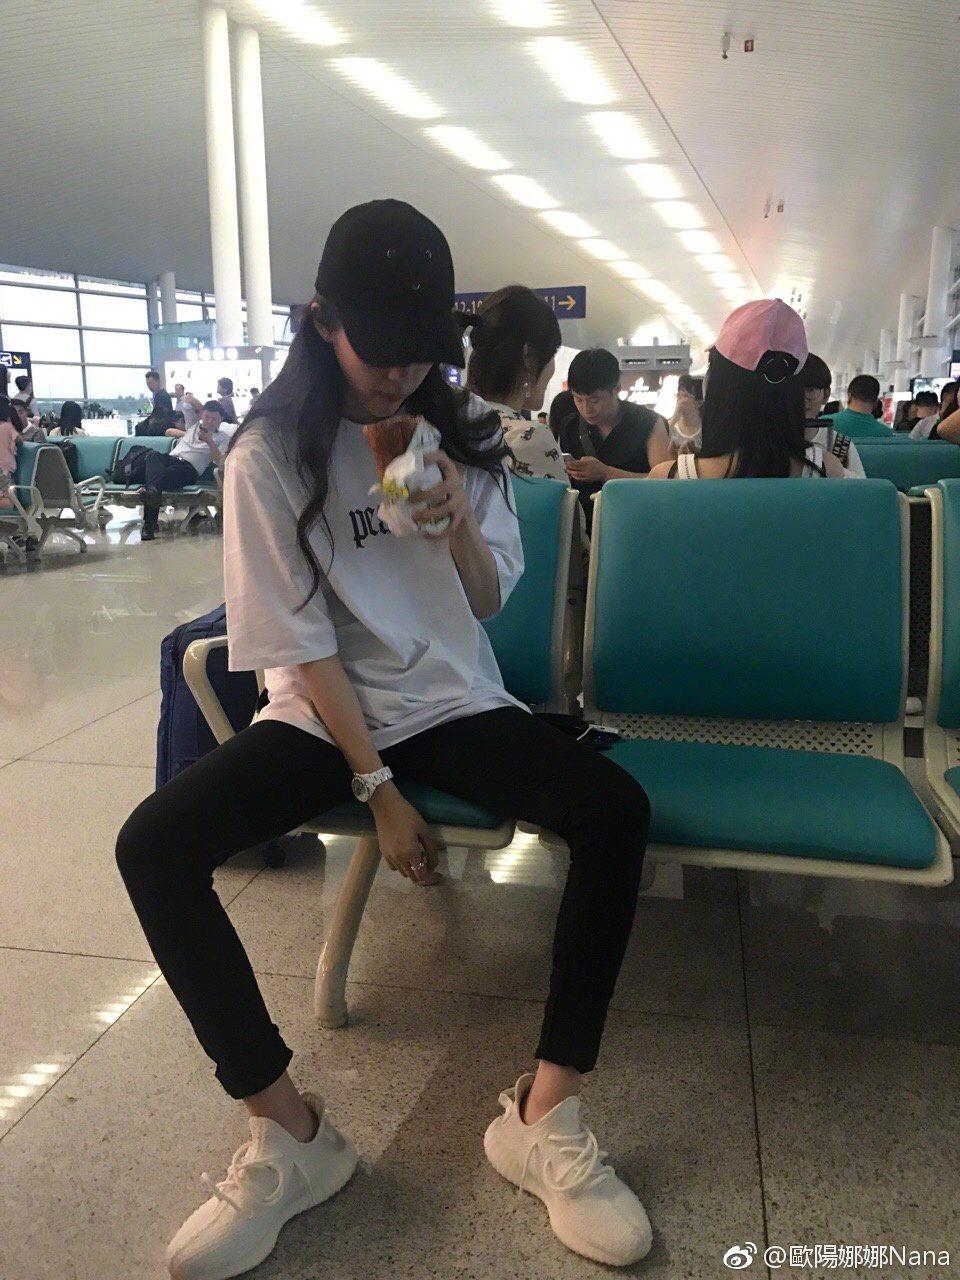 歐陽娜娜豪邁腿開開,發現被偷拍秒變臉。 圖/擷自微博。